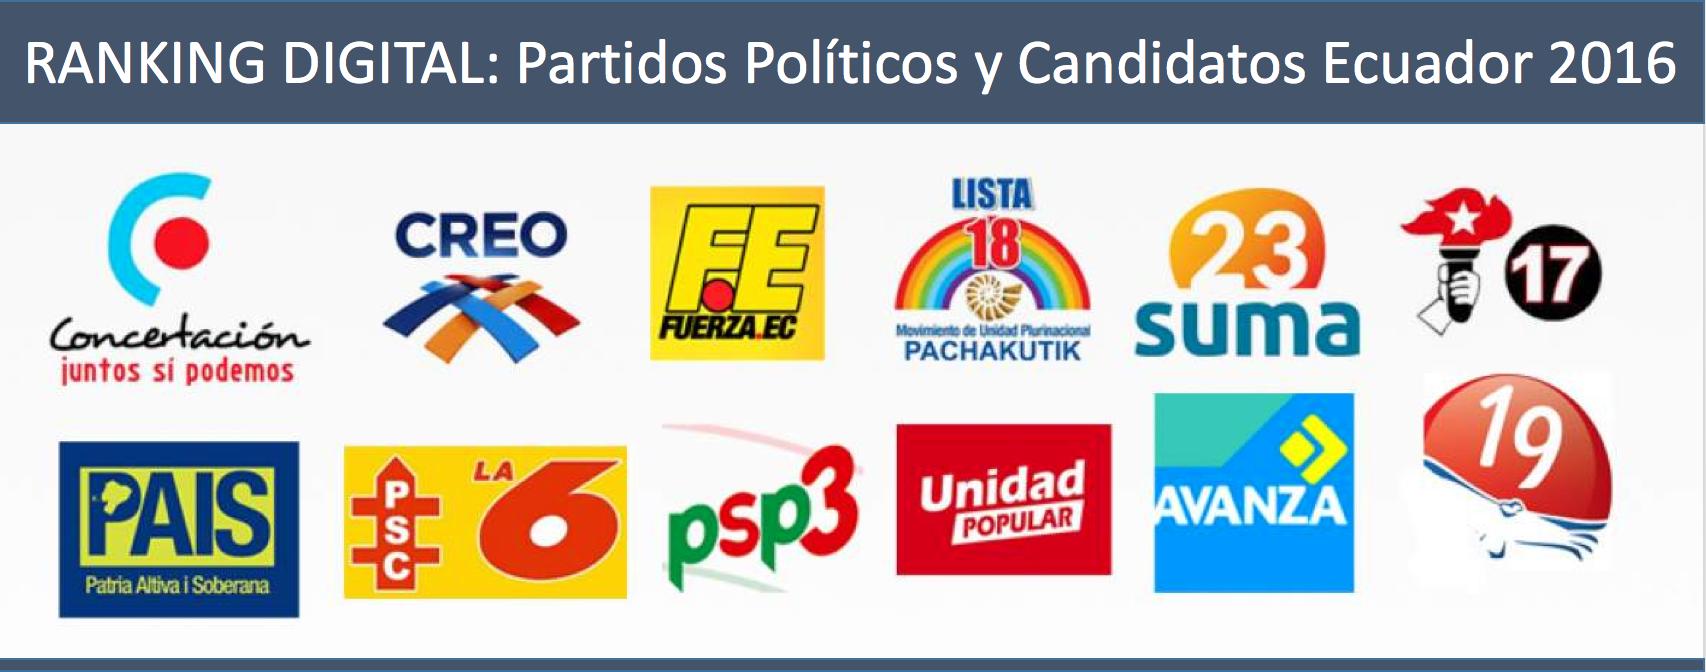 Ranking partidos políticos y candidatos Ecuador 2016